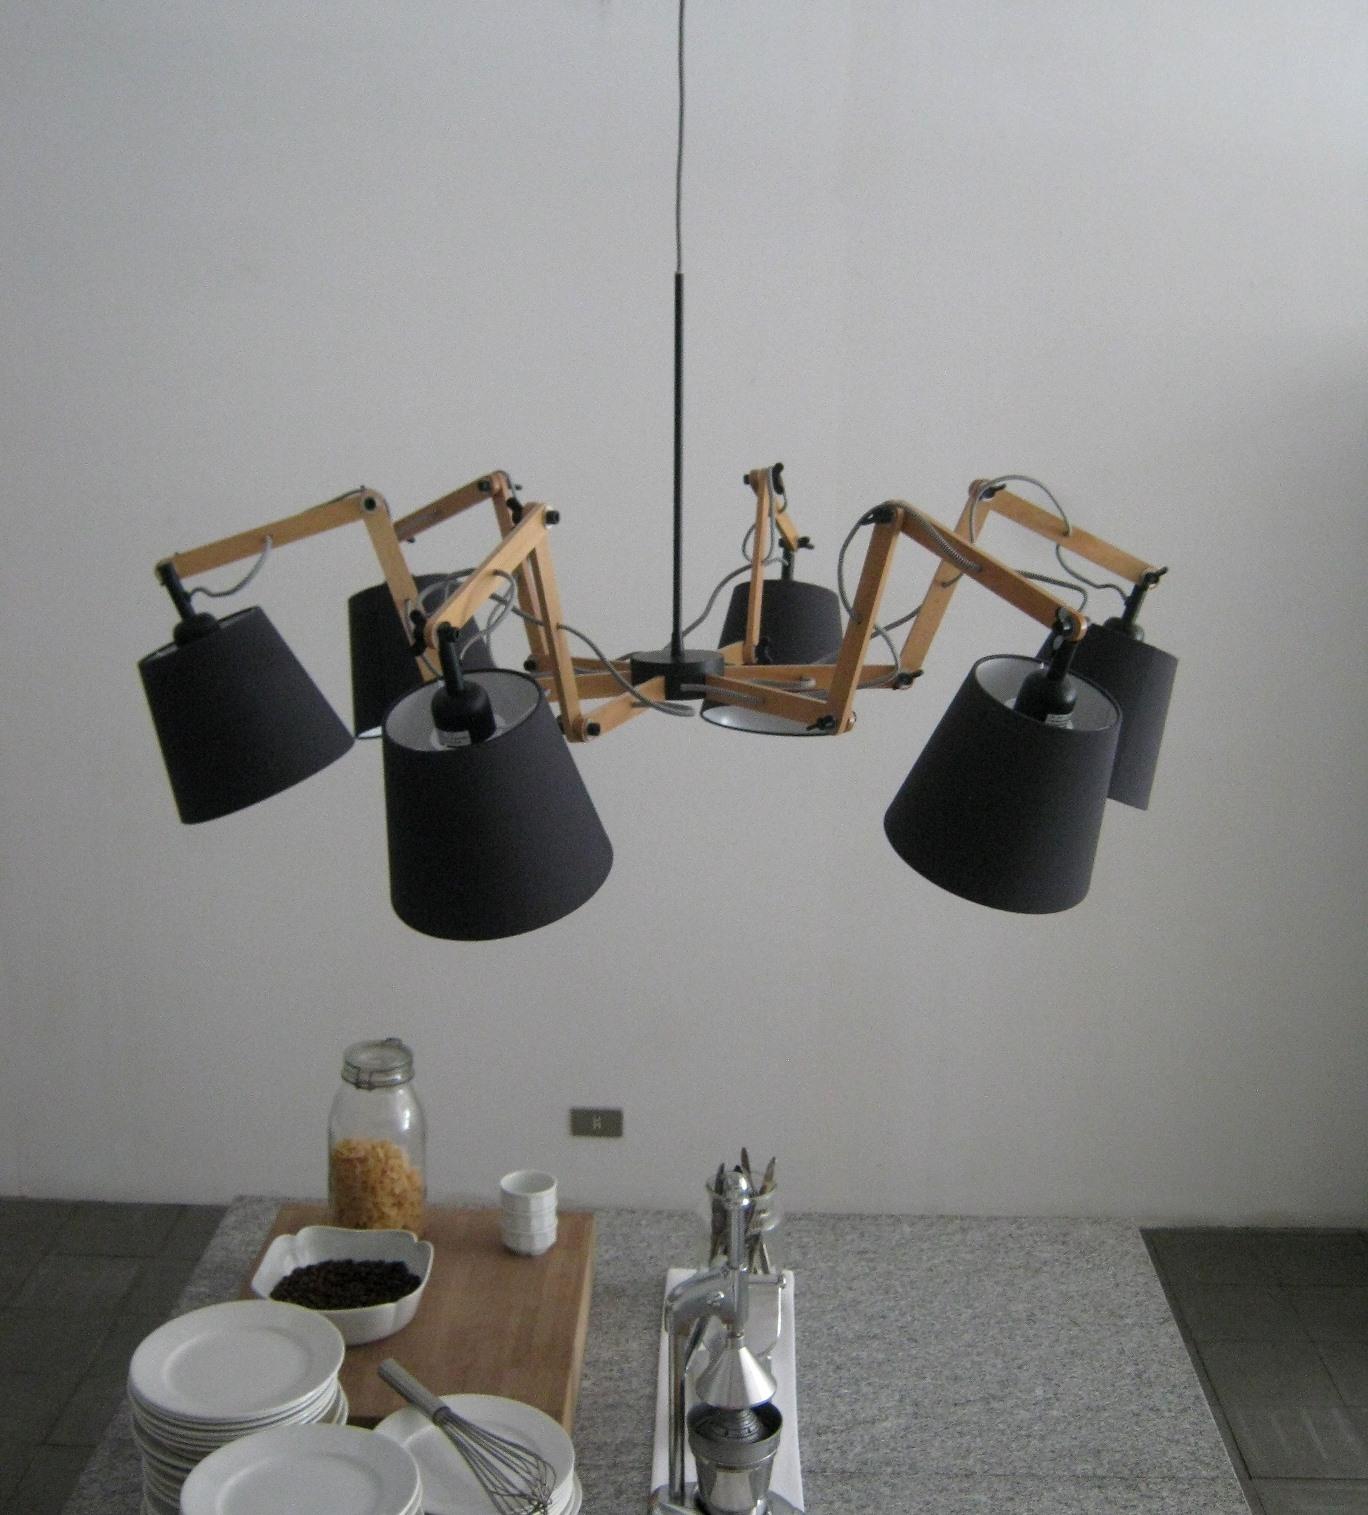 Flos Illuminazione Lampada a sospensione design , vendita online - Illuminazione a prezzi scontati